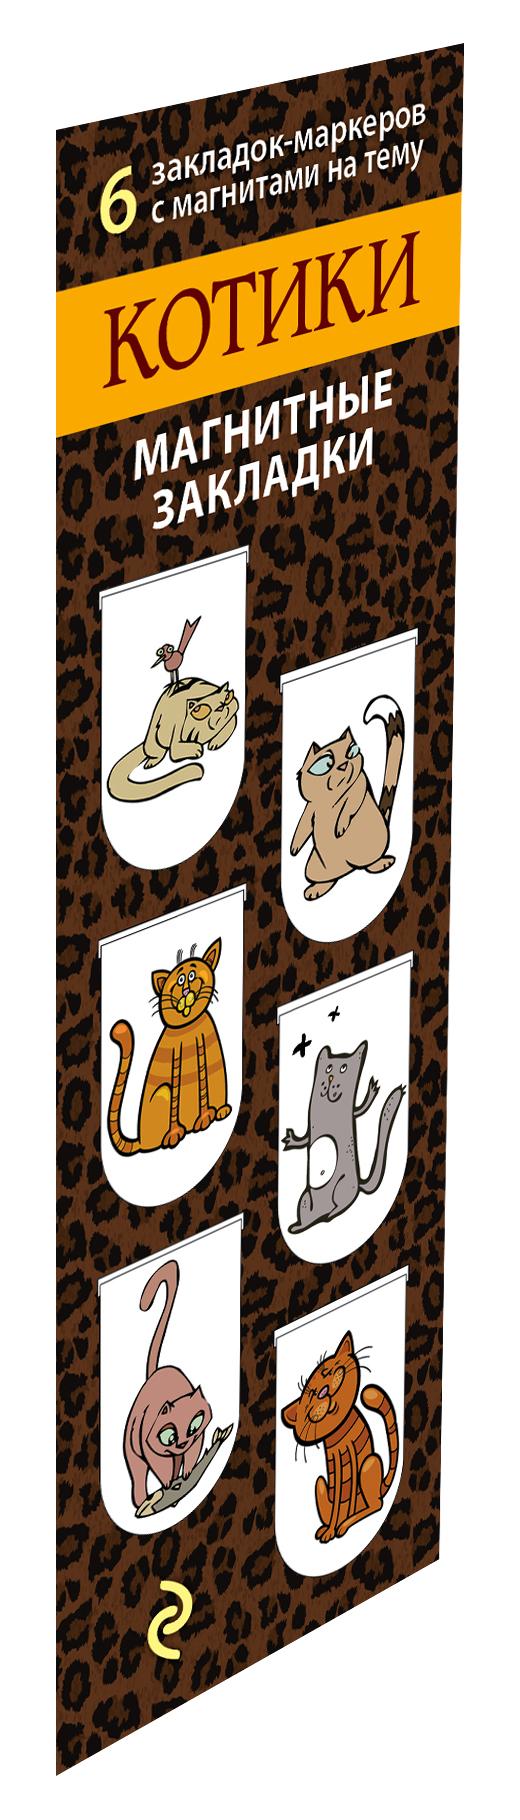 Магнитные закладки. Котики (6 закладок полукругл.) магнитные закладки совы сладкое утро 6 закладок полукругл